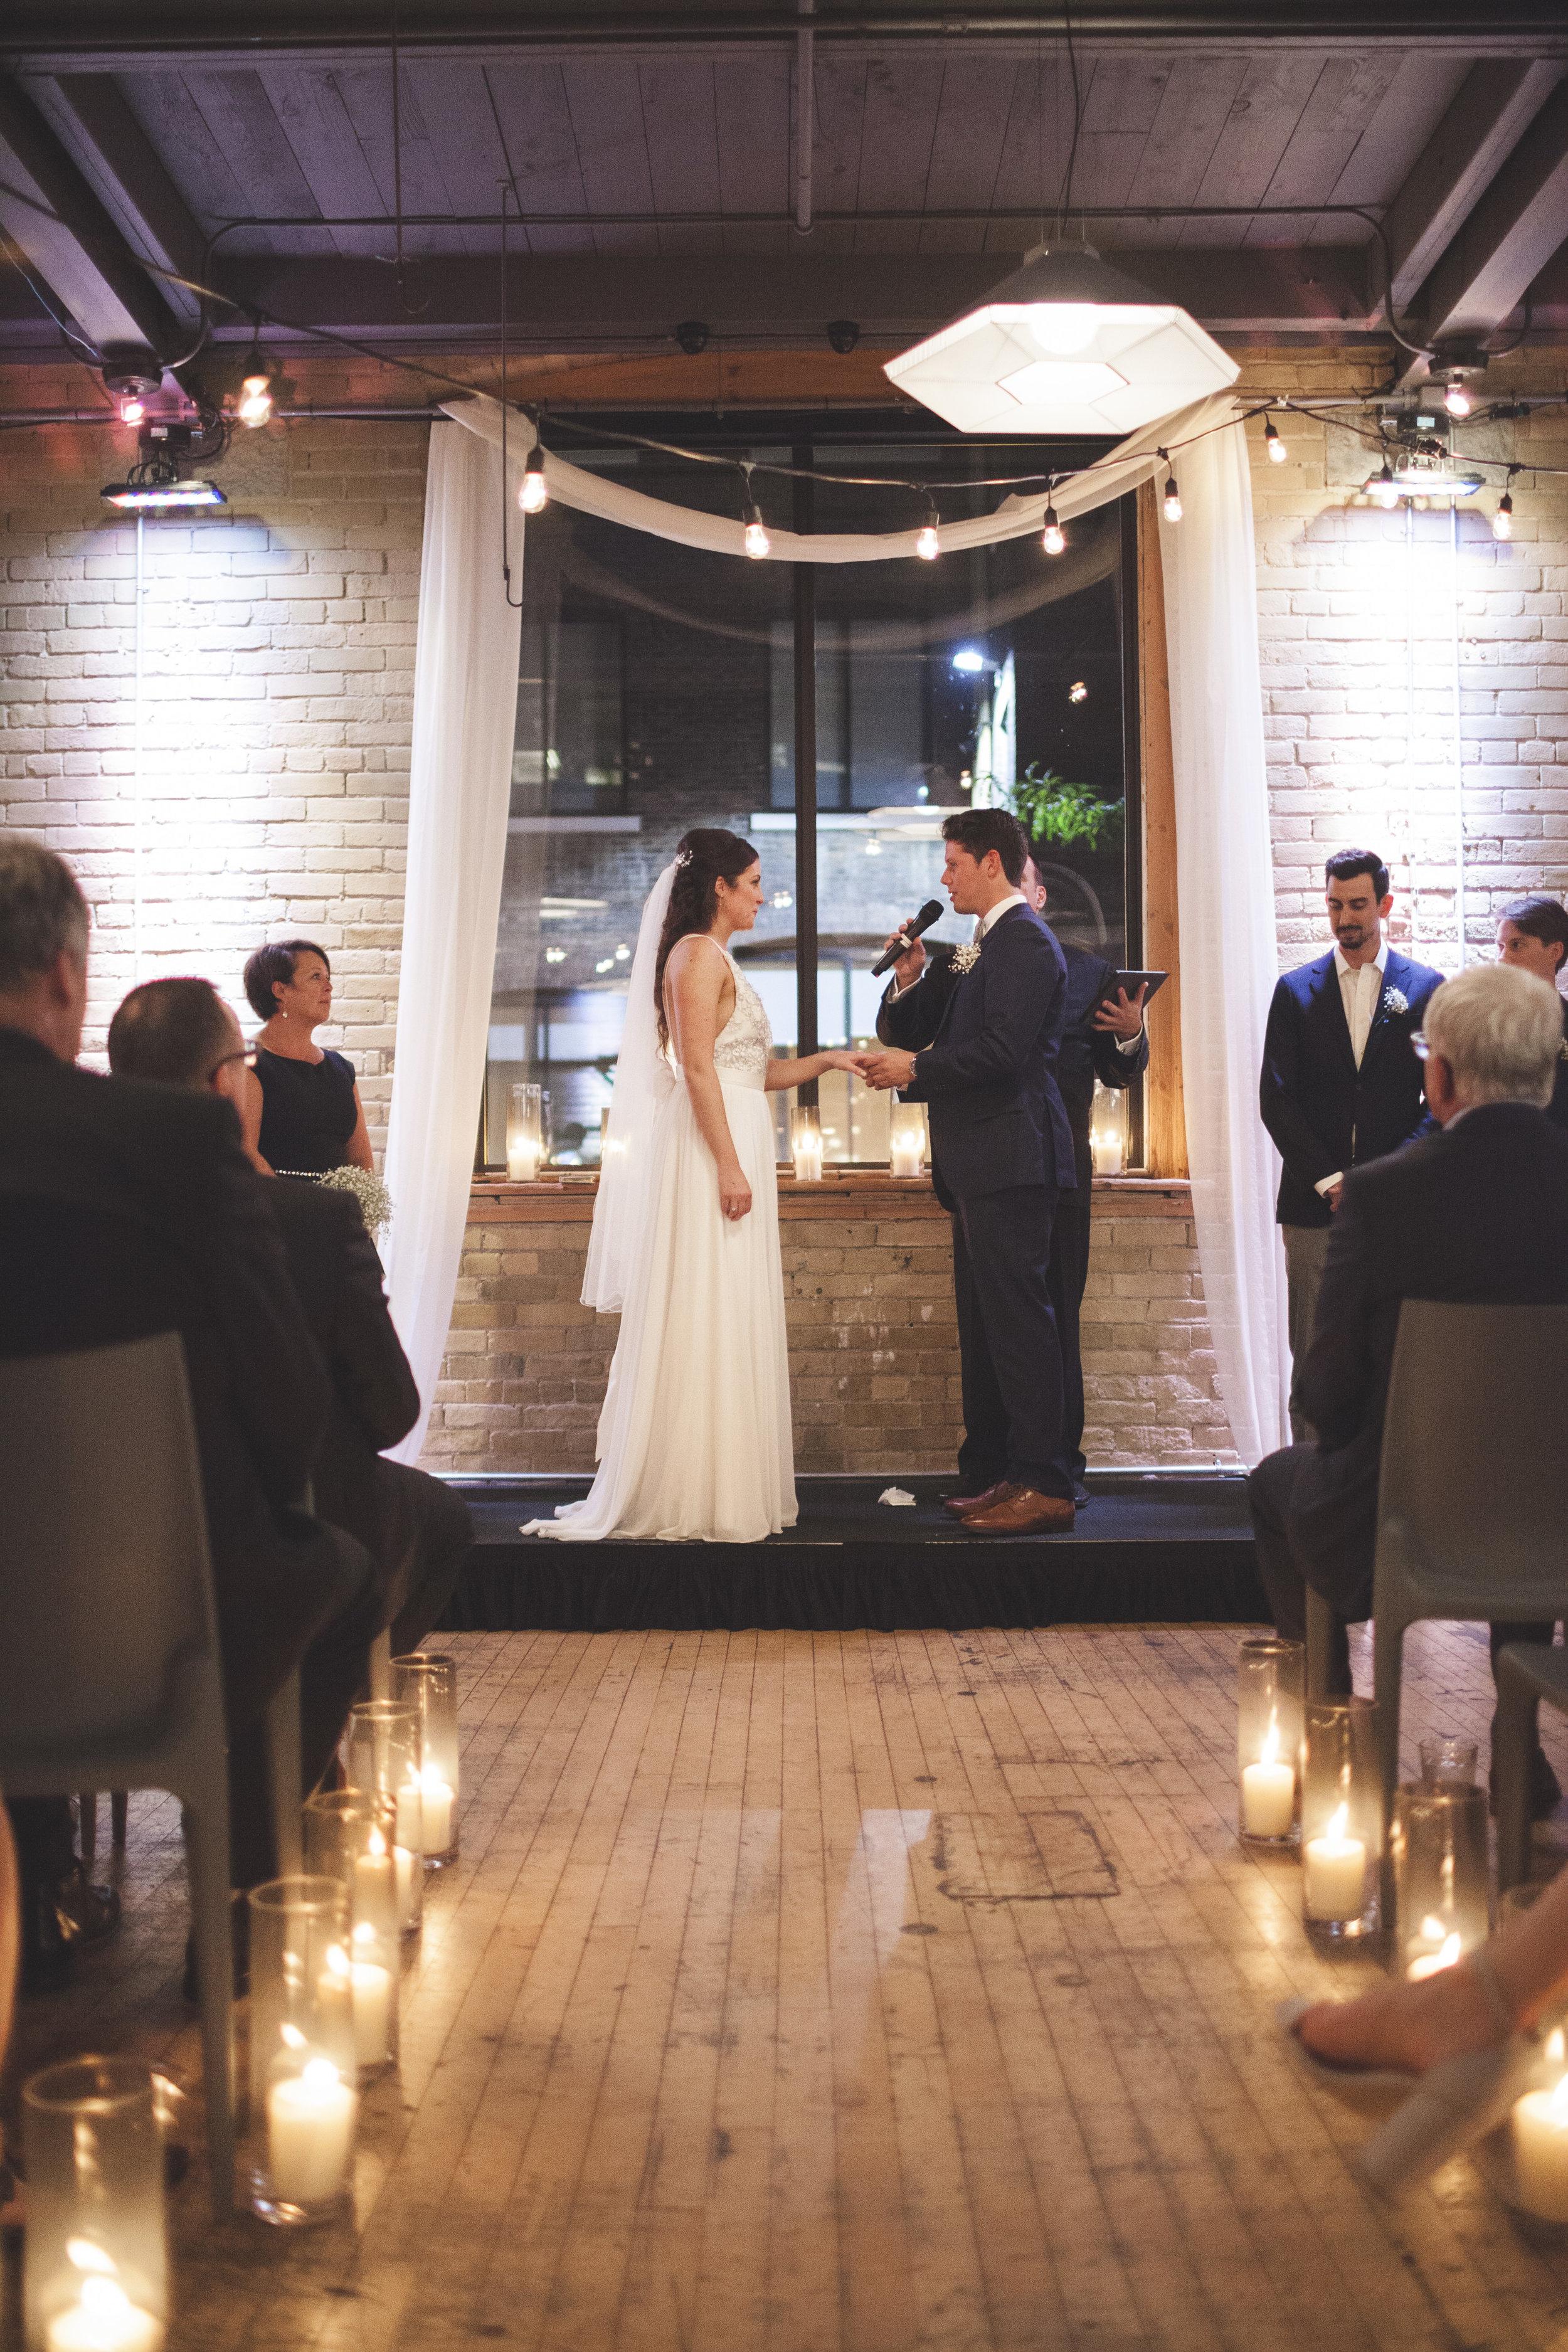 Wedding couple saying their vows.